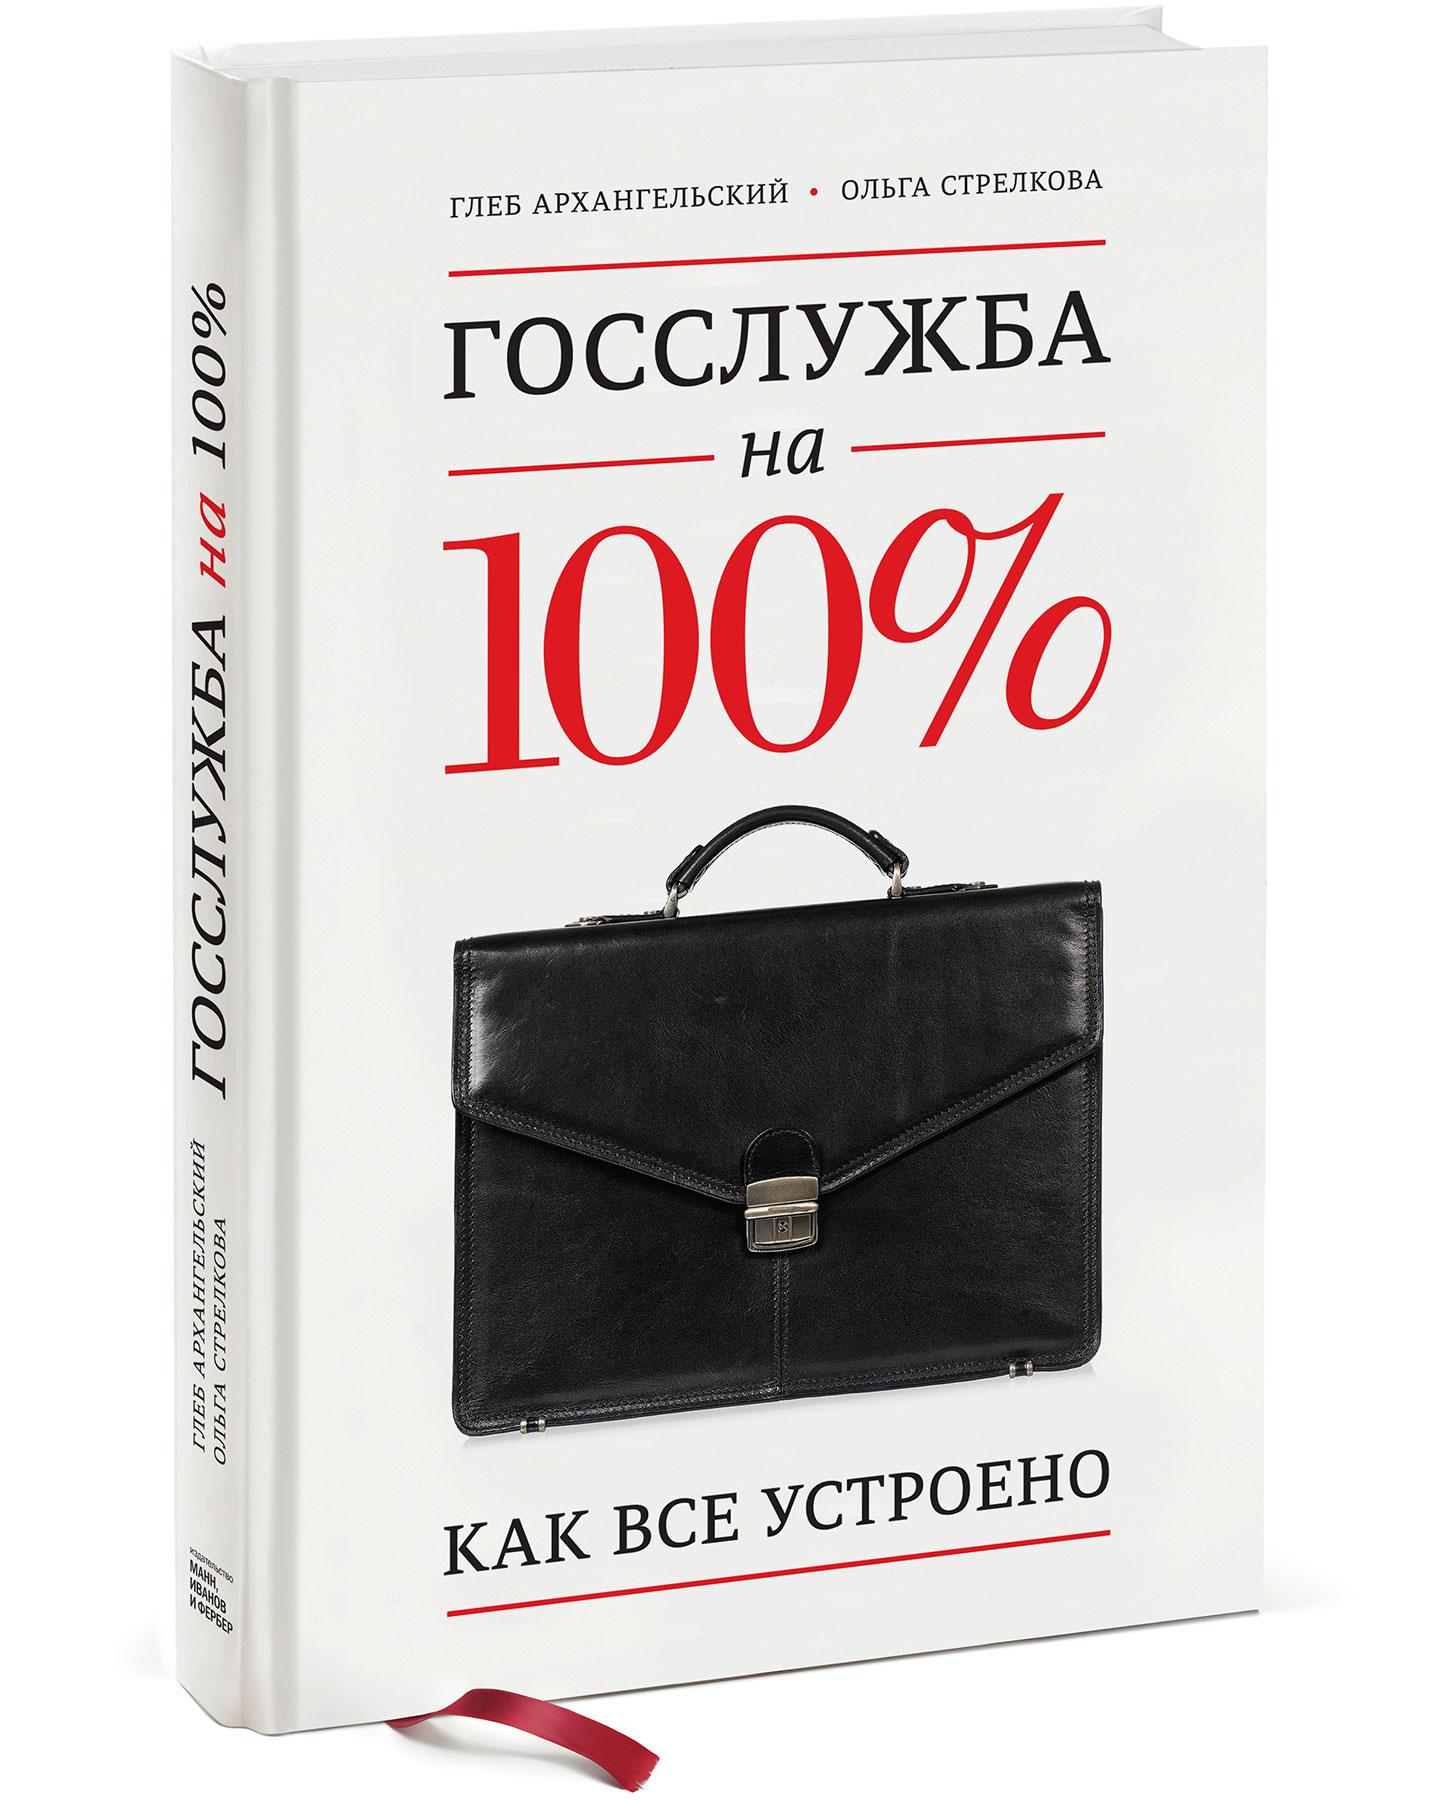 Глеб Архангельский, Ольга Стрелкова. Госслужба на 100 %. Как все устроено